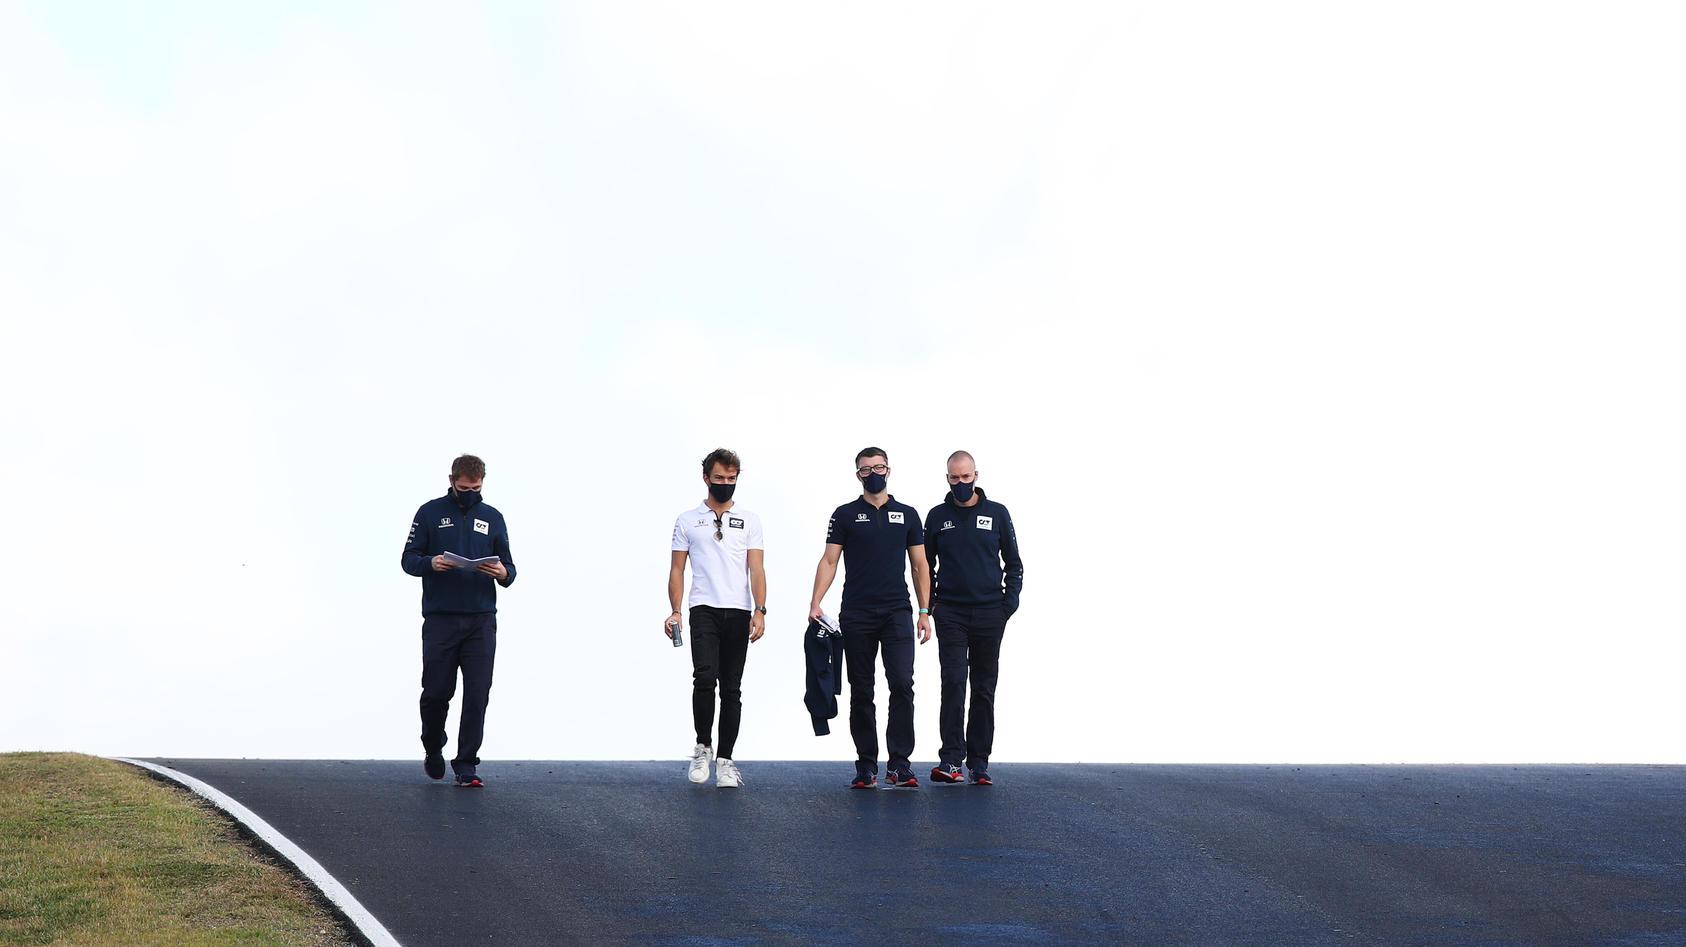 Auf der F1-Strecke in Portimao geht es hoch und runter